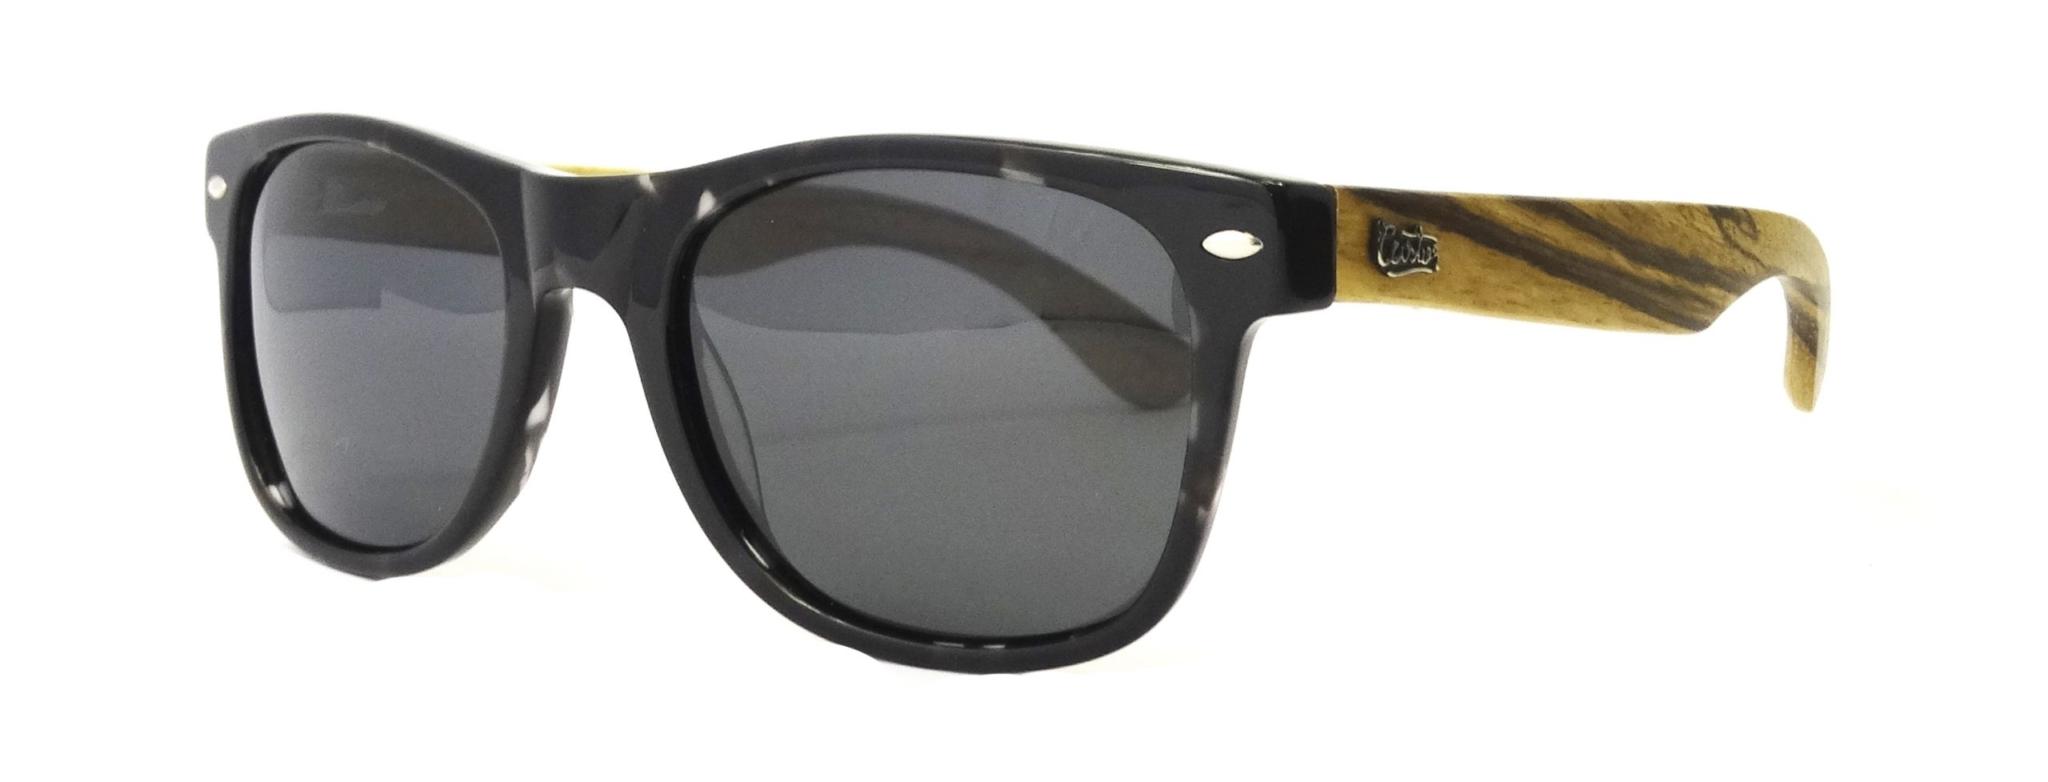 115df687-174a-gafas-de-sol